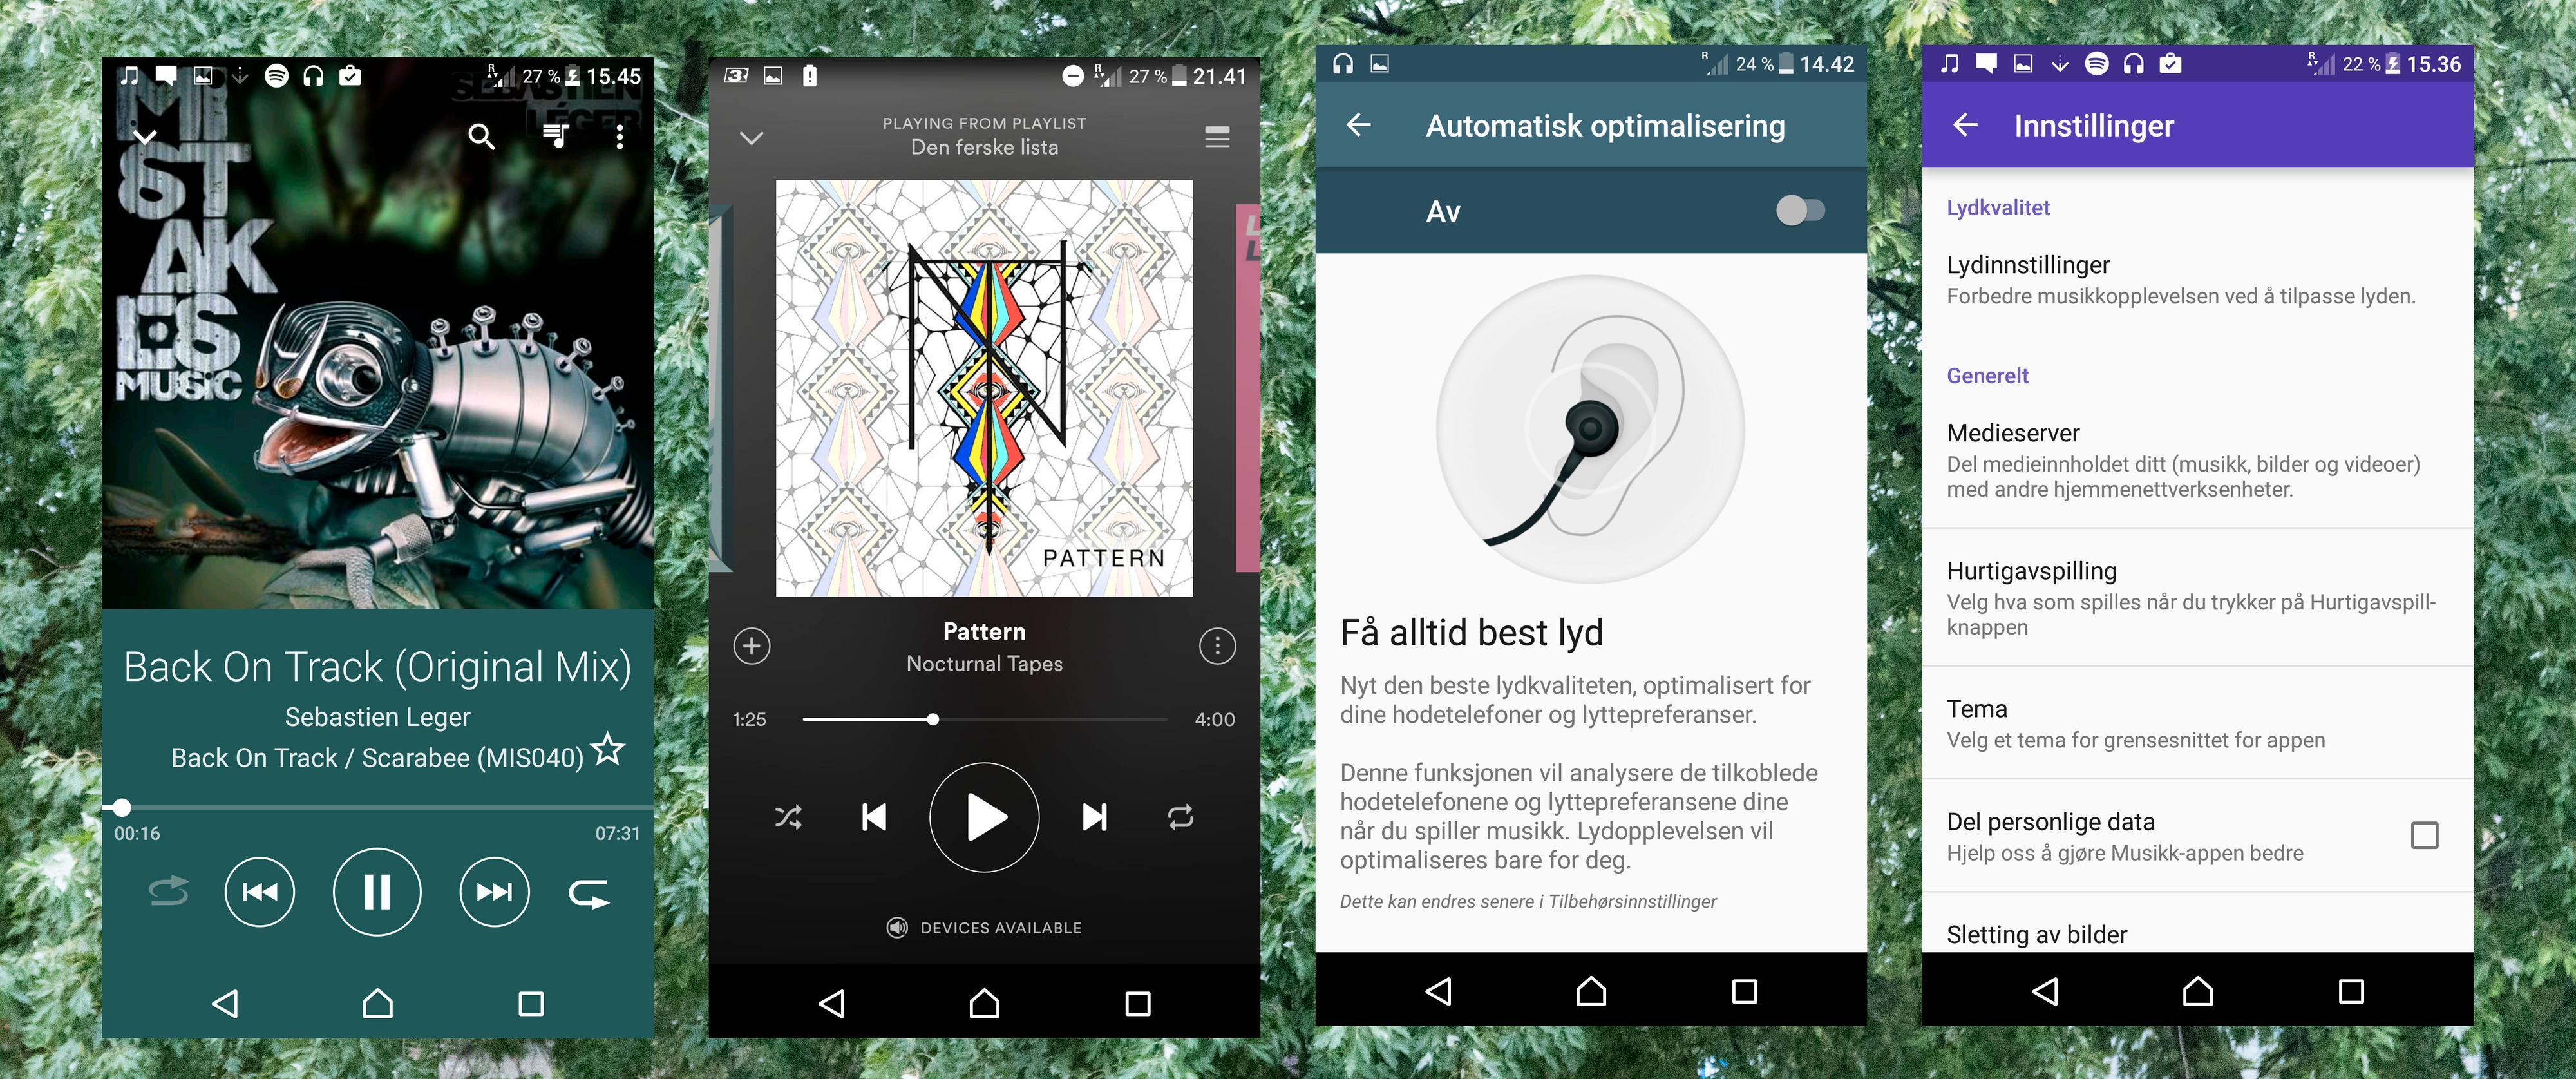 Du kan stille lydprofilen slik du ønsker den, eller la telefonen tilpasse seg hodetelefonene dine. Tre forskjellige musikkspillere følger med.